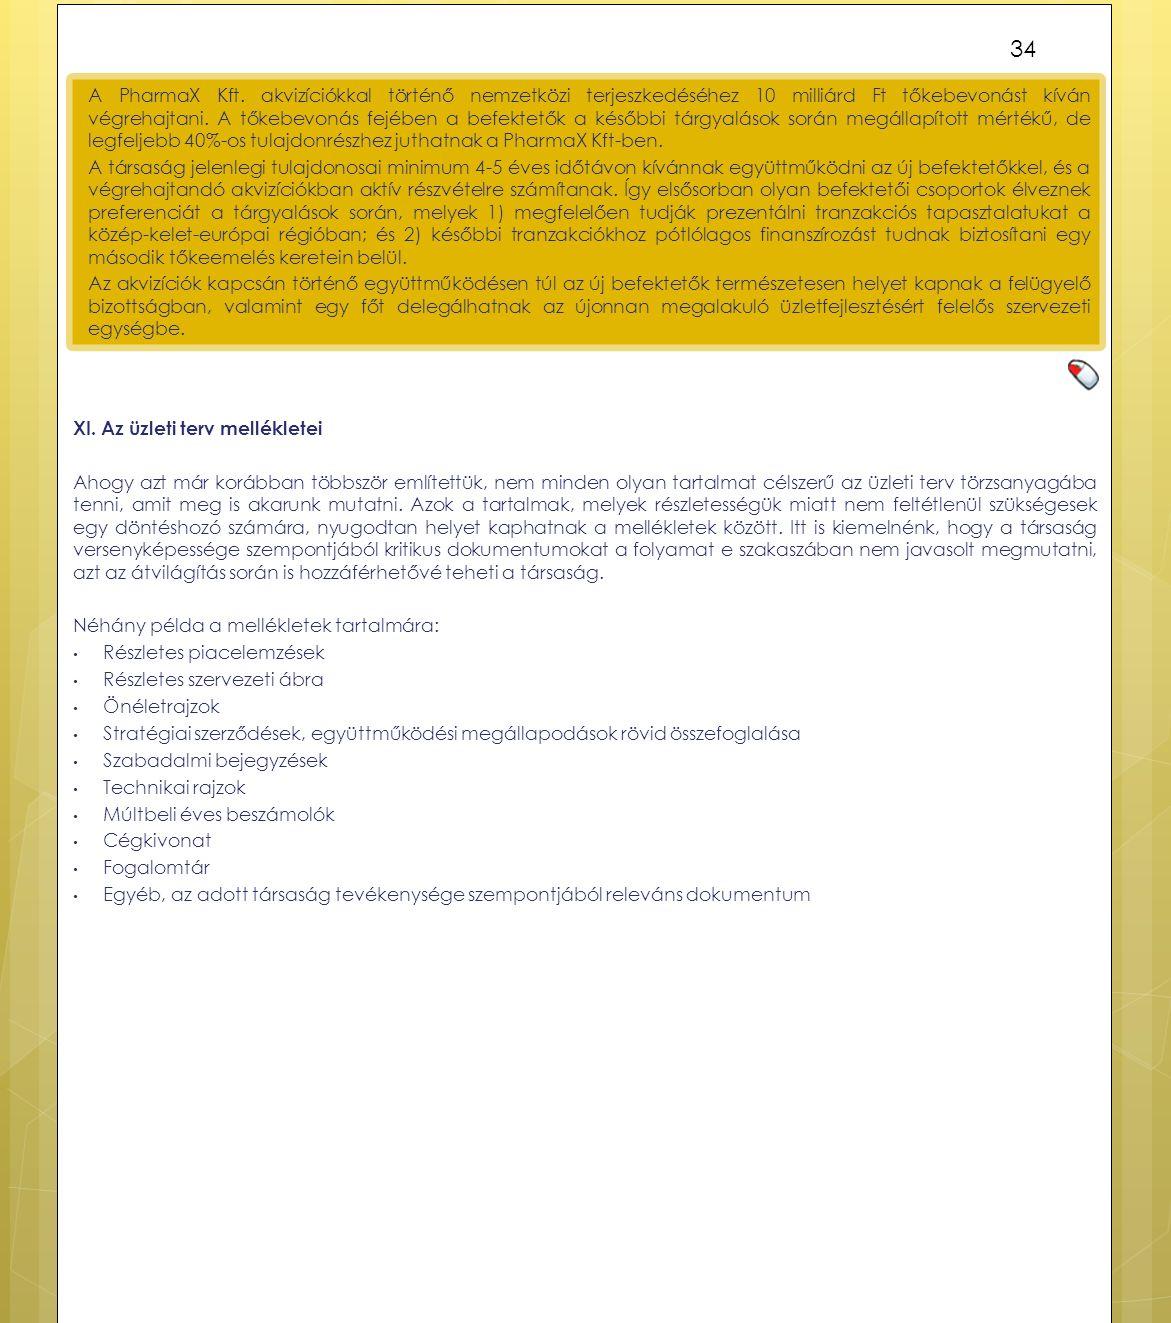 A PharmaX Kft. akvizíciókkal történő nemzetközi terjeszkedéséhez 10 milliárd Ft tőkebevonást kíván végrehajtani. A tőkebevonás fejében a befektetők a későbbi tárgyalások során megállapított mértékű, de legfeljebb 40%-os tulajdonrészhez juthatnak a PharmaX Kft-ben.